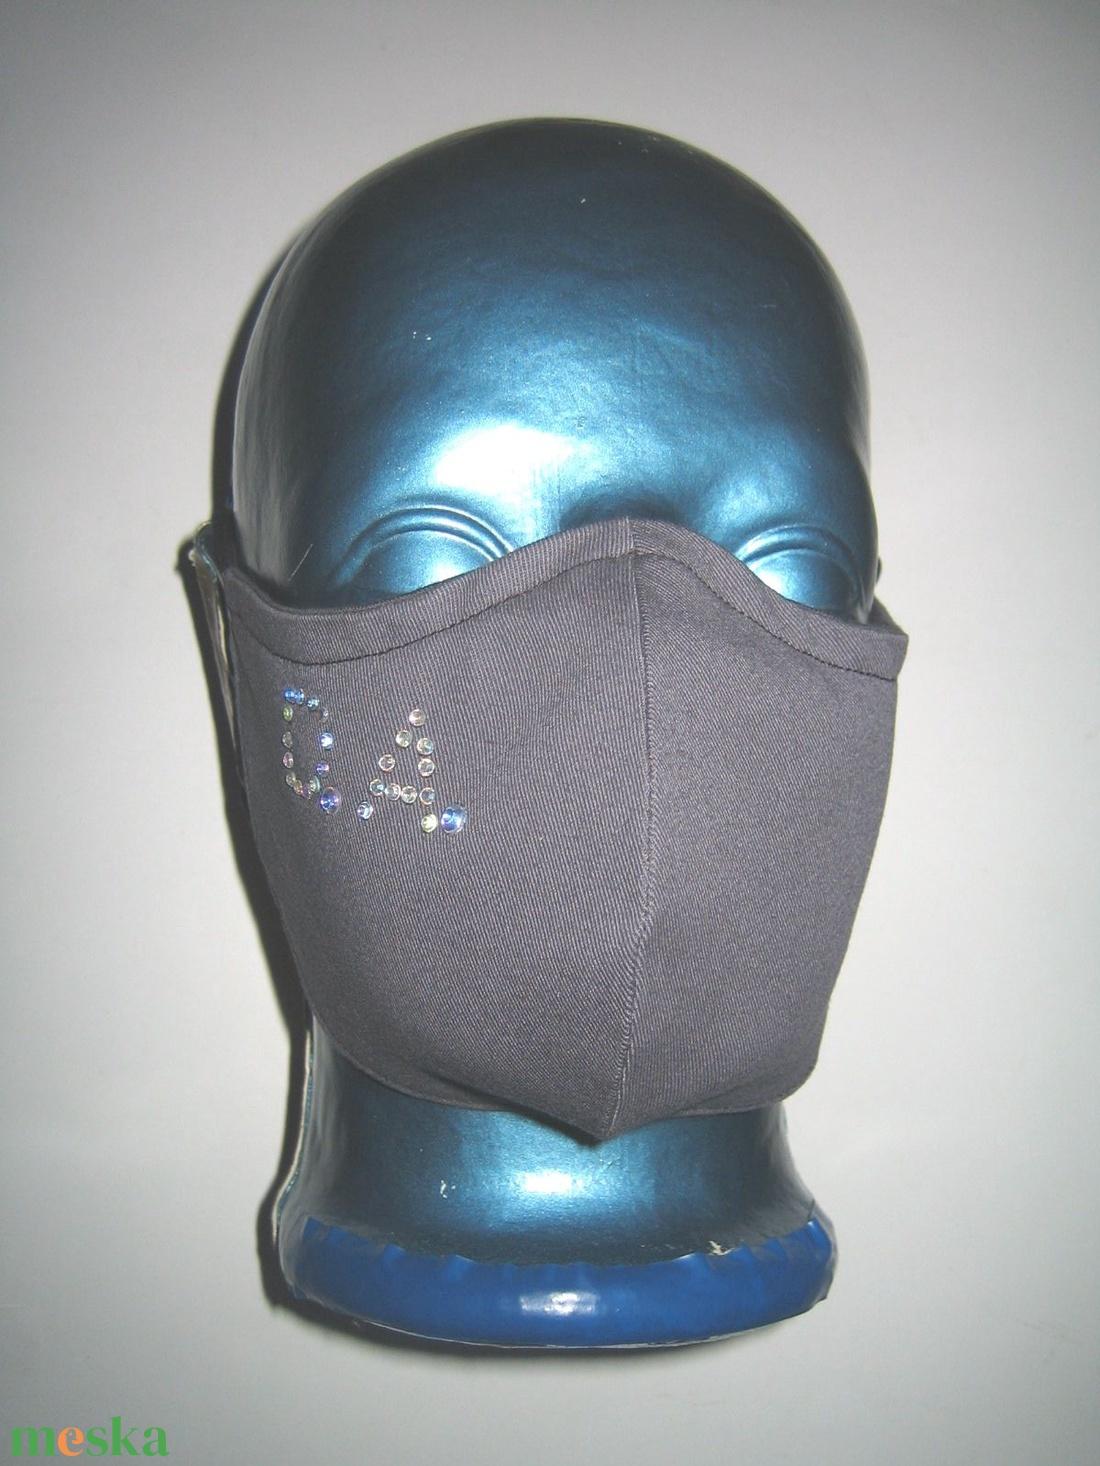 Monogrammos Egyedi Szájmaszk szemüvegeseknek orrmerevítős arcmaszk textil maszk színjátszós strasszal - maszk, arcmaszk - női - Meska.hu